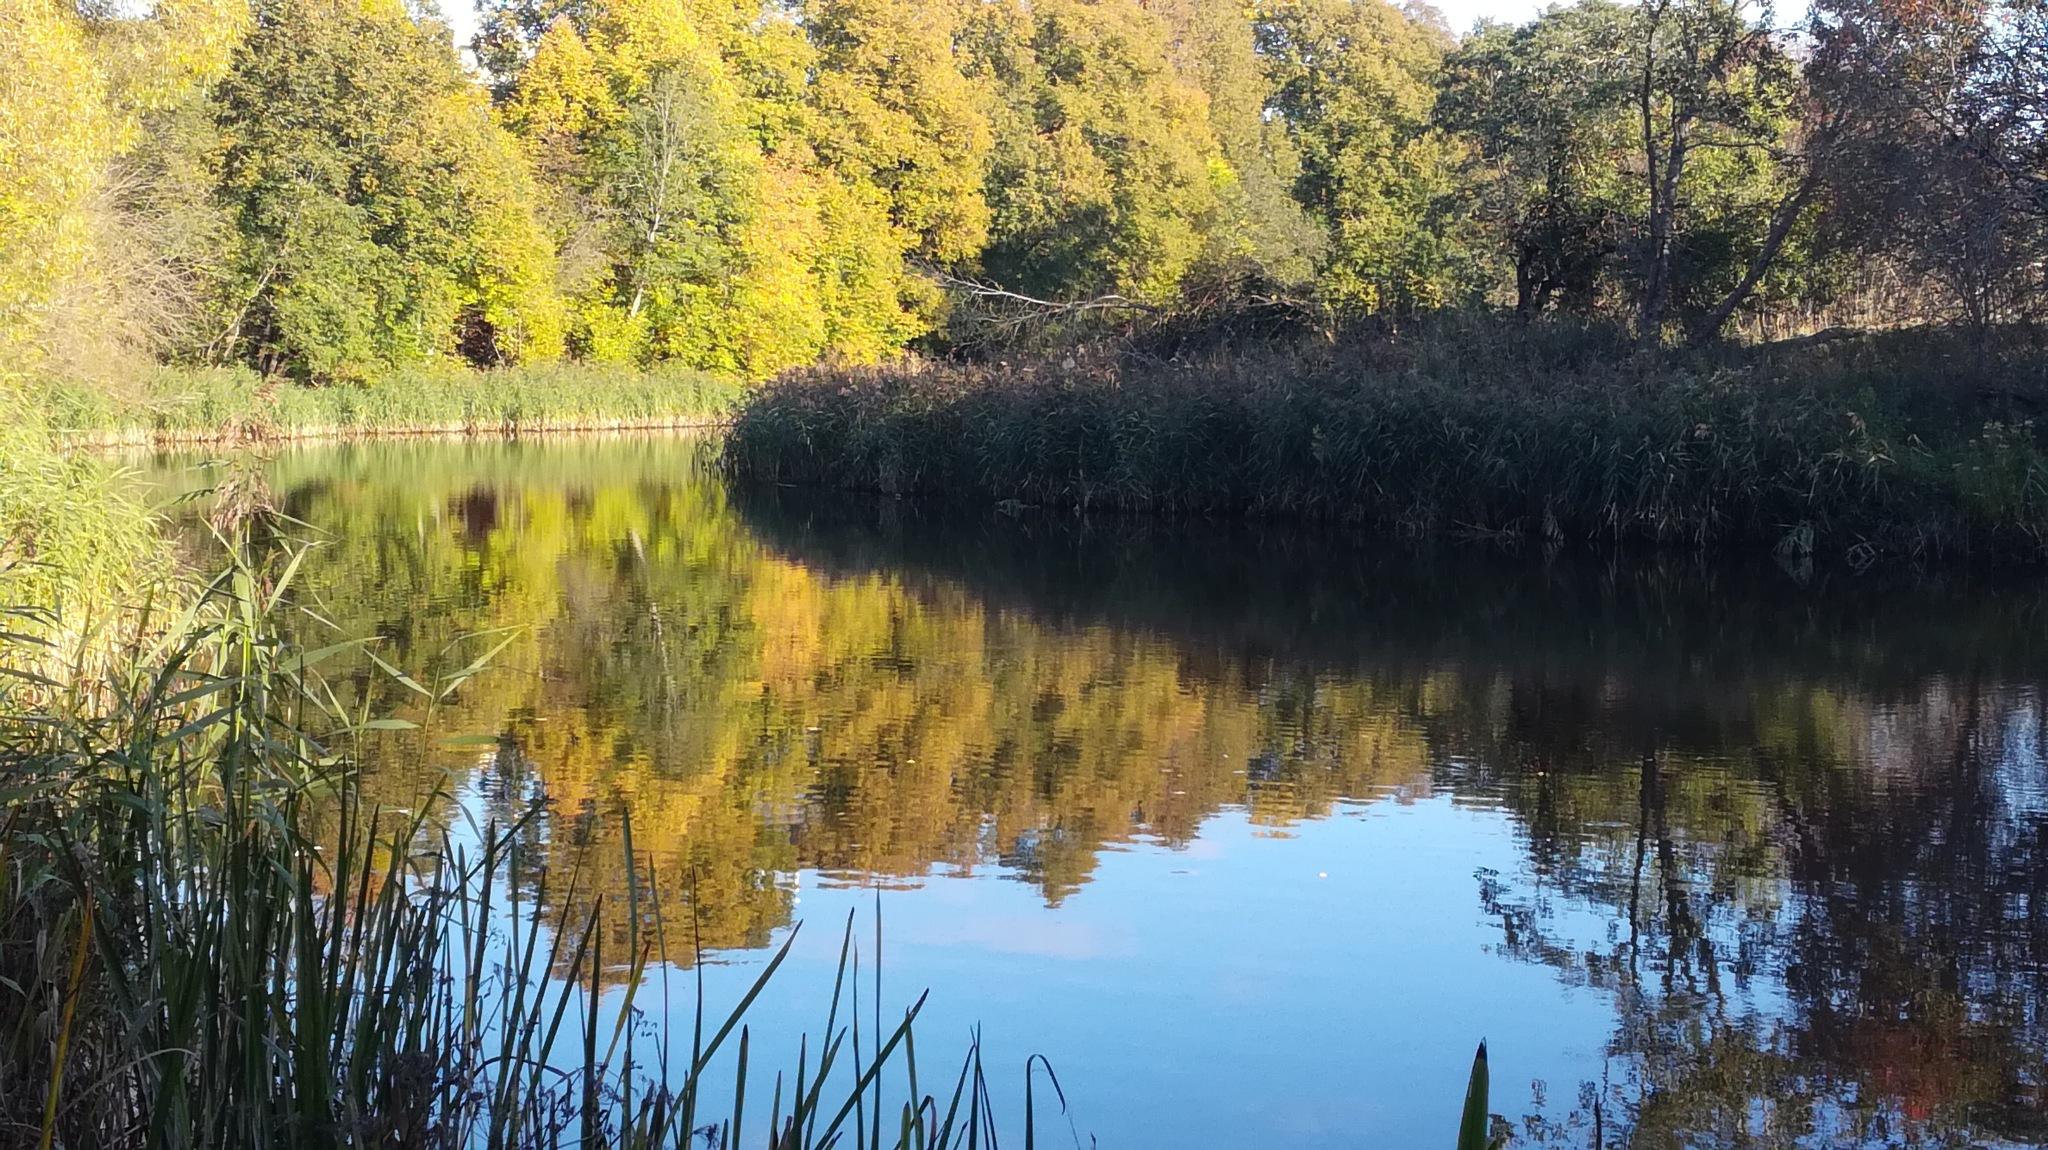 In the autumn by uzkuraitiene62